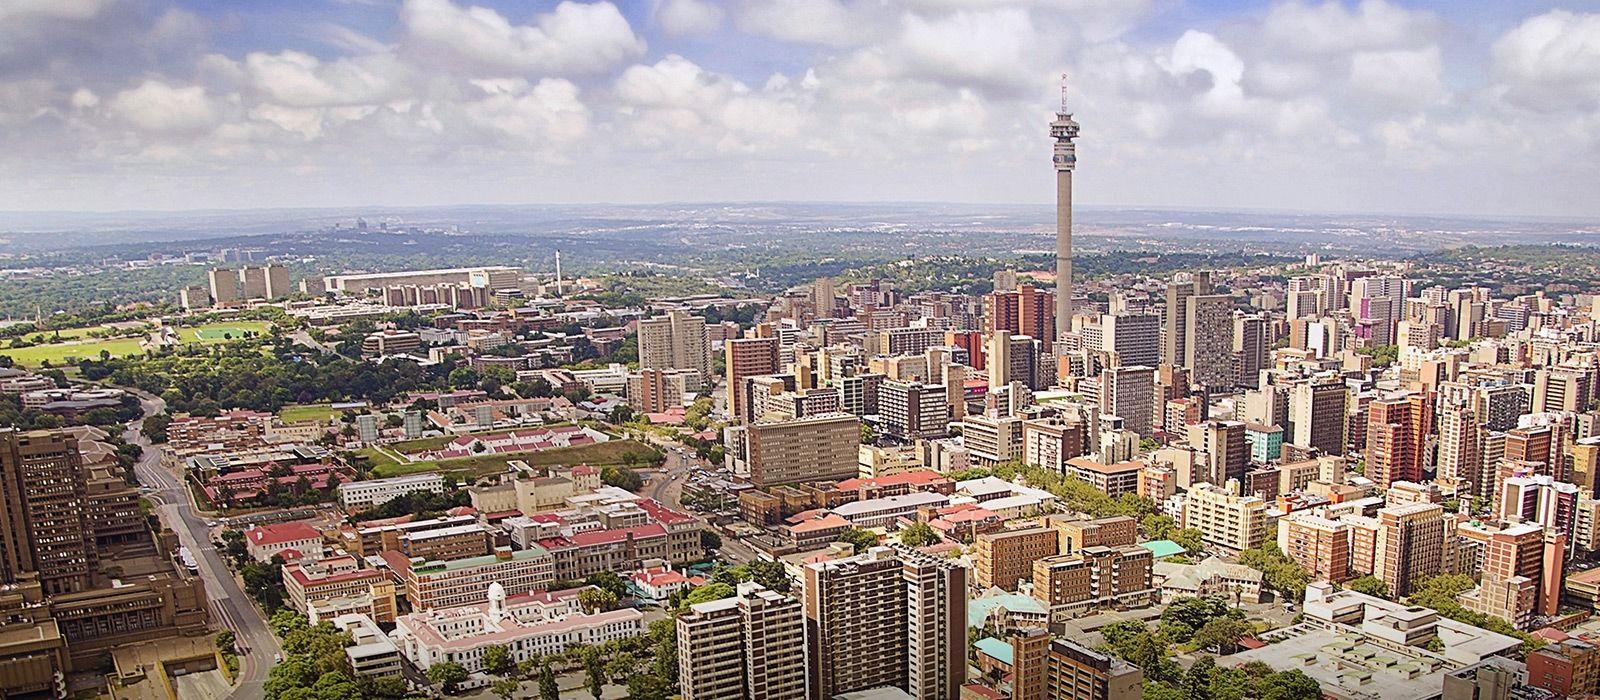 Safari & Traumstrände im südlichen Afrika Urlaub 1